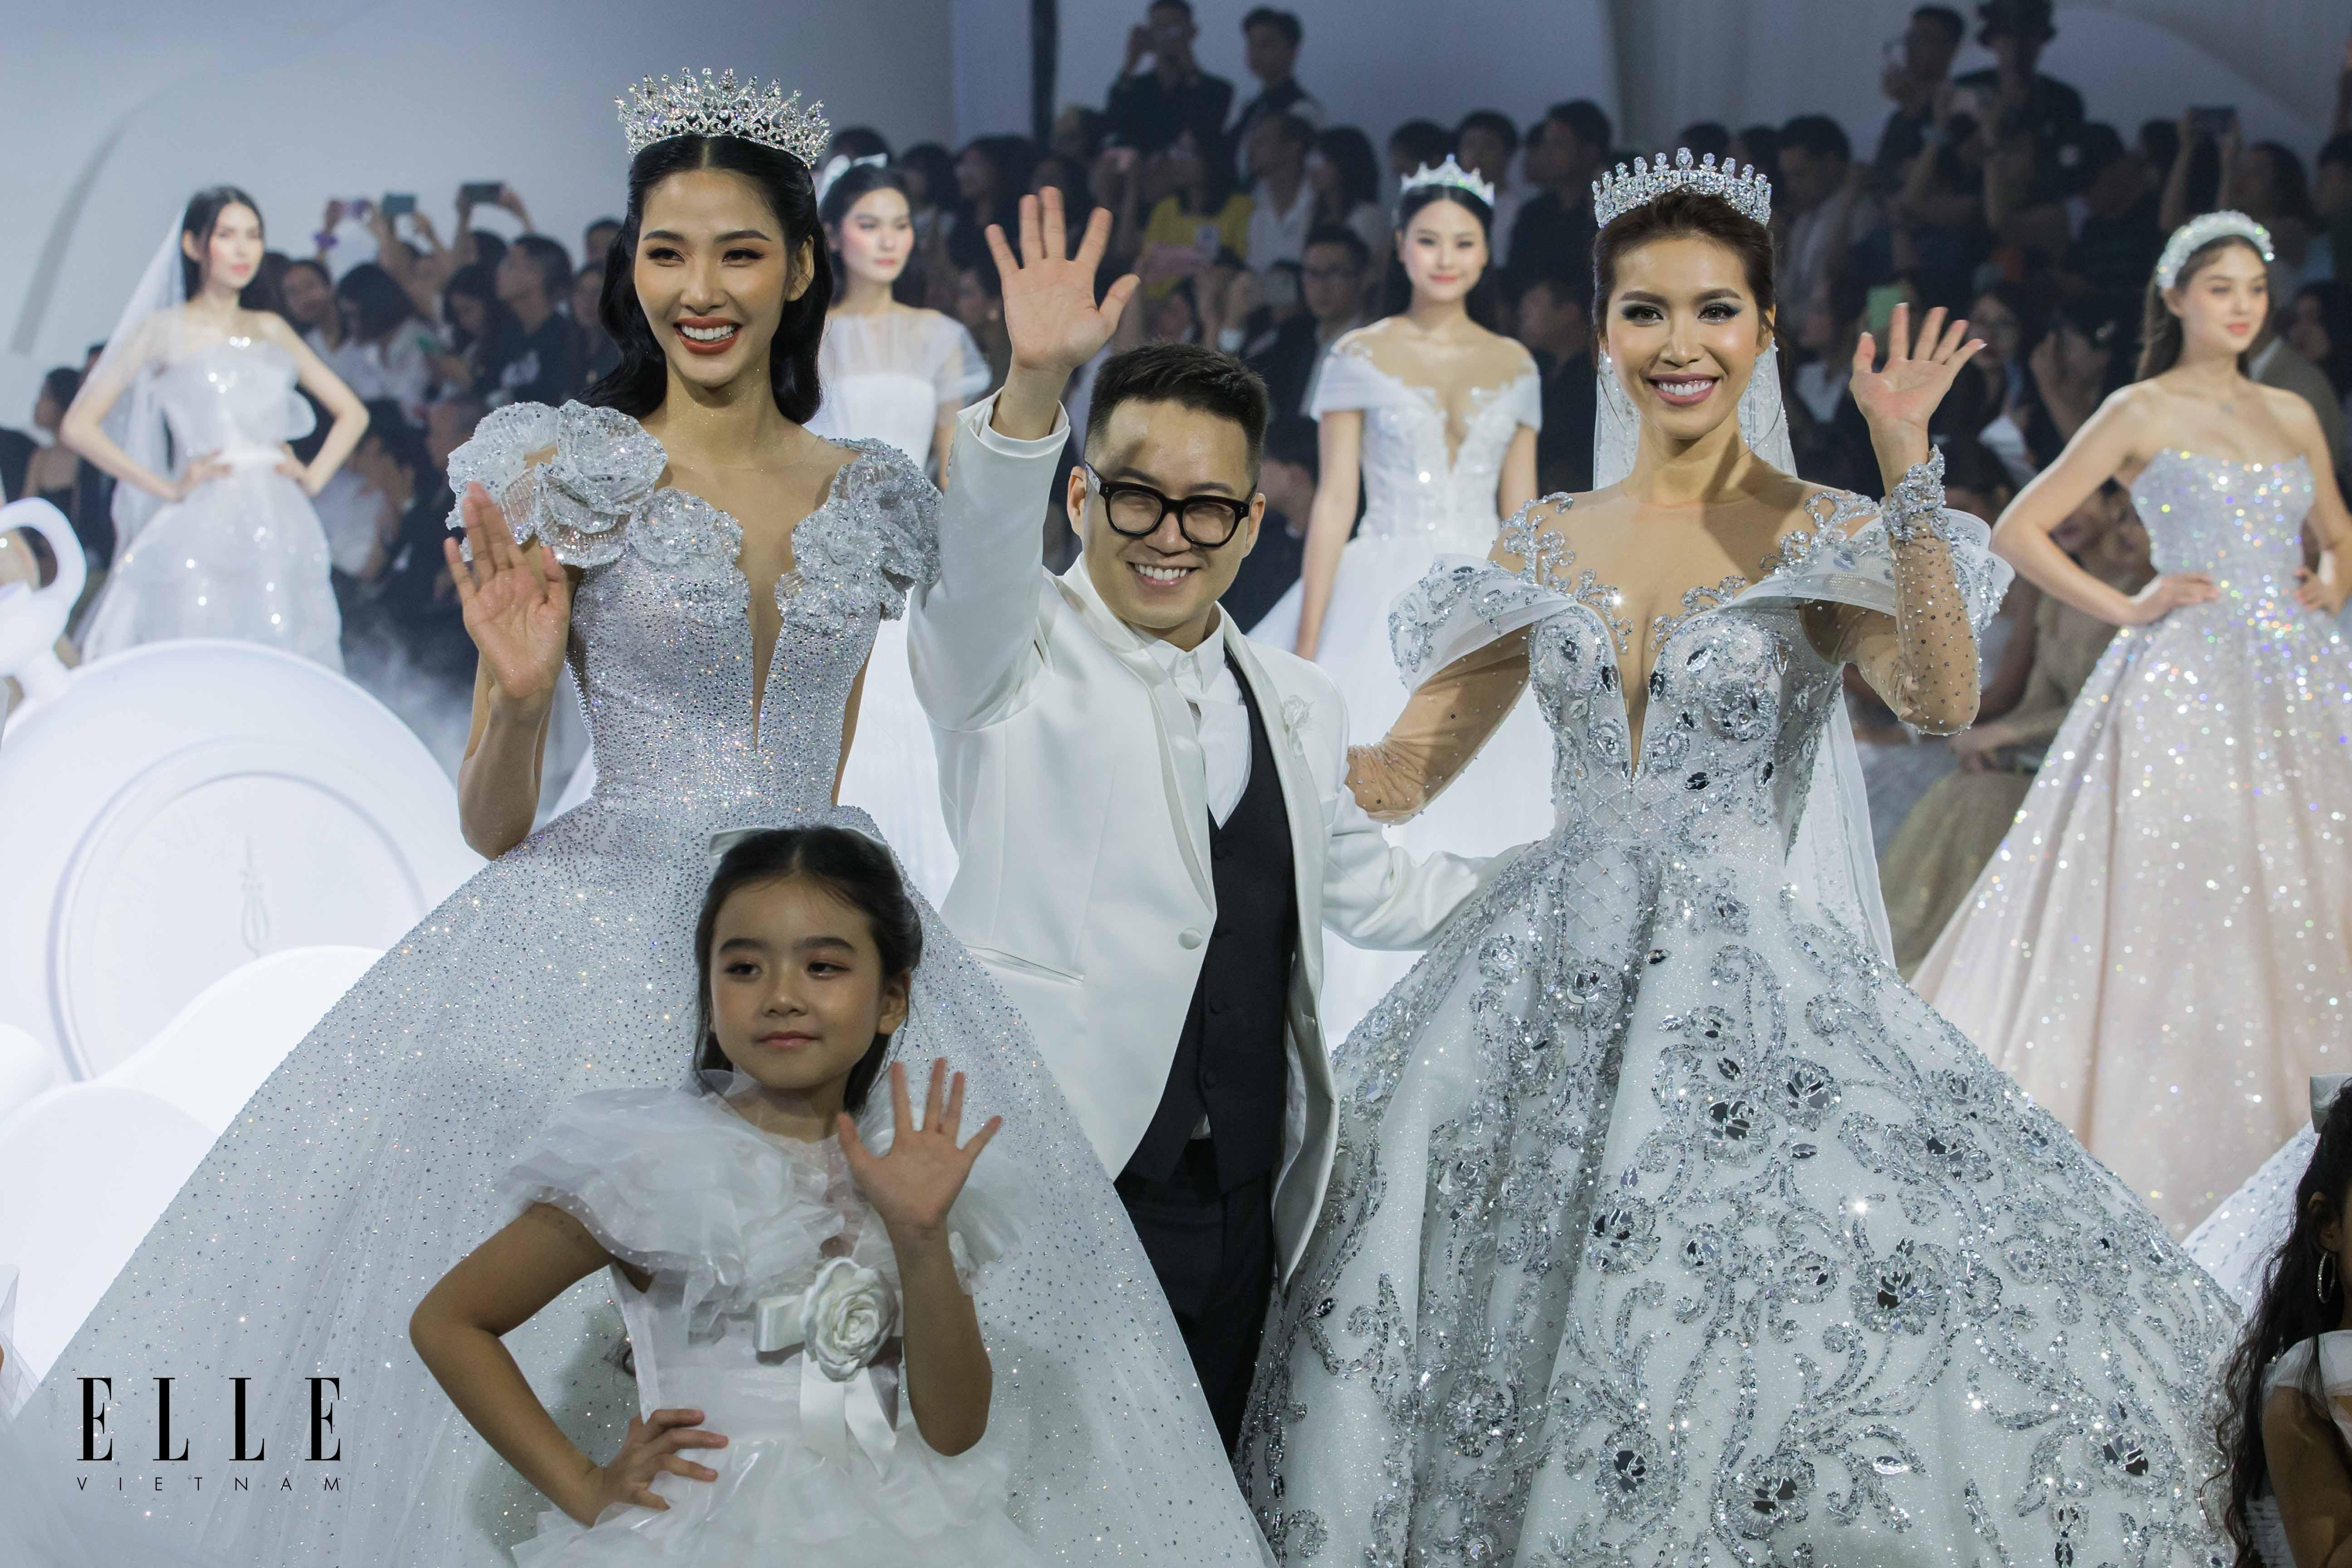 Elle-wedding-gallery_bts-dear-my-princess-tiet-muc-ket-man-sau-cung